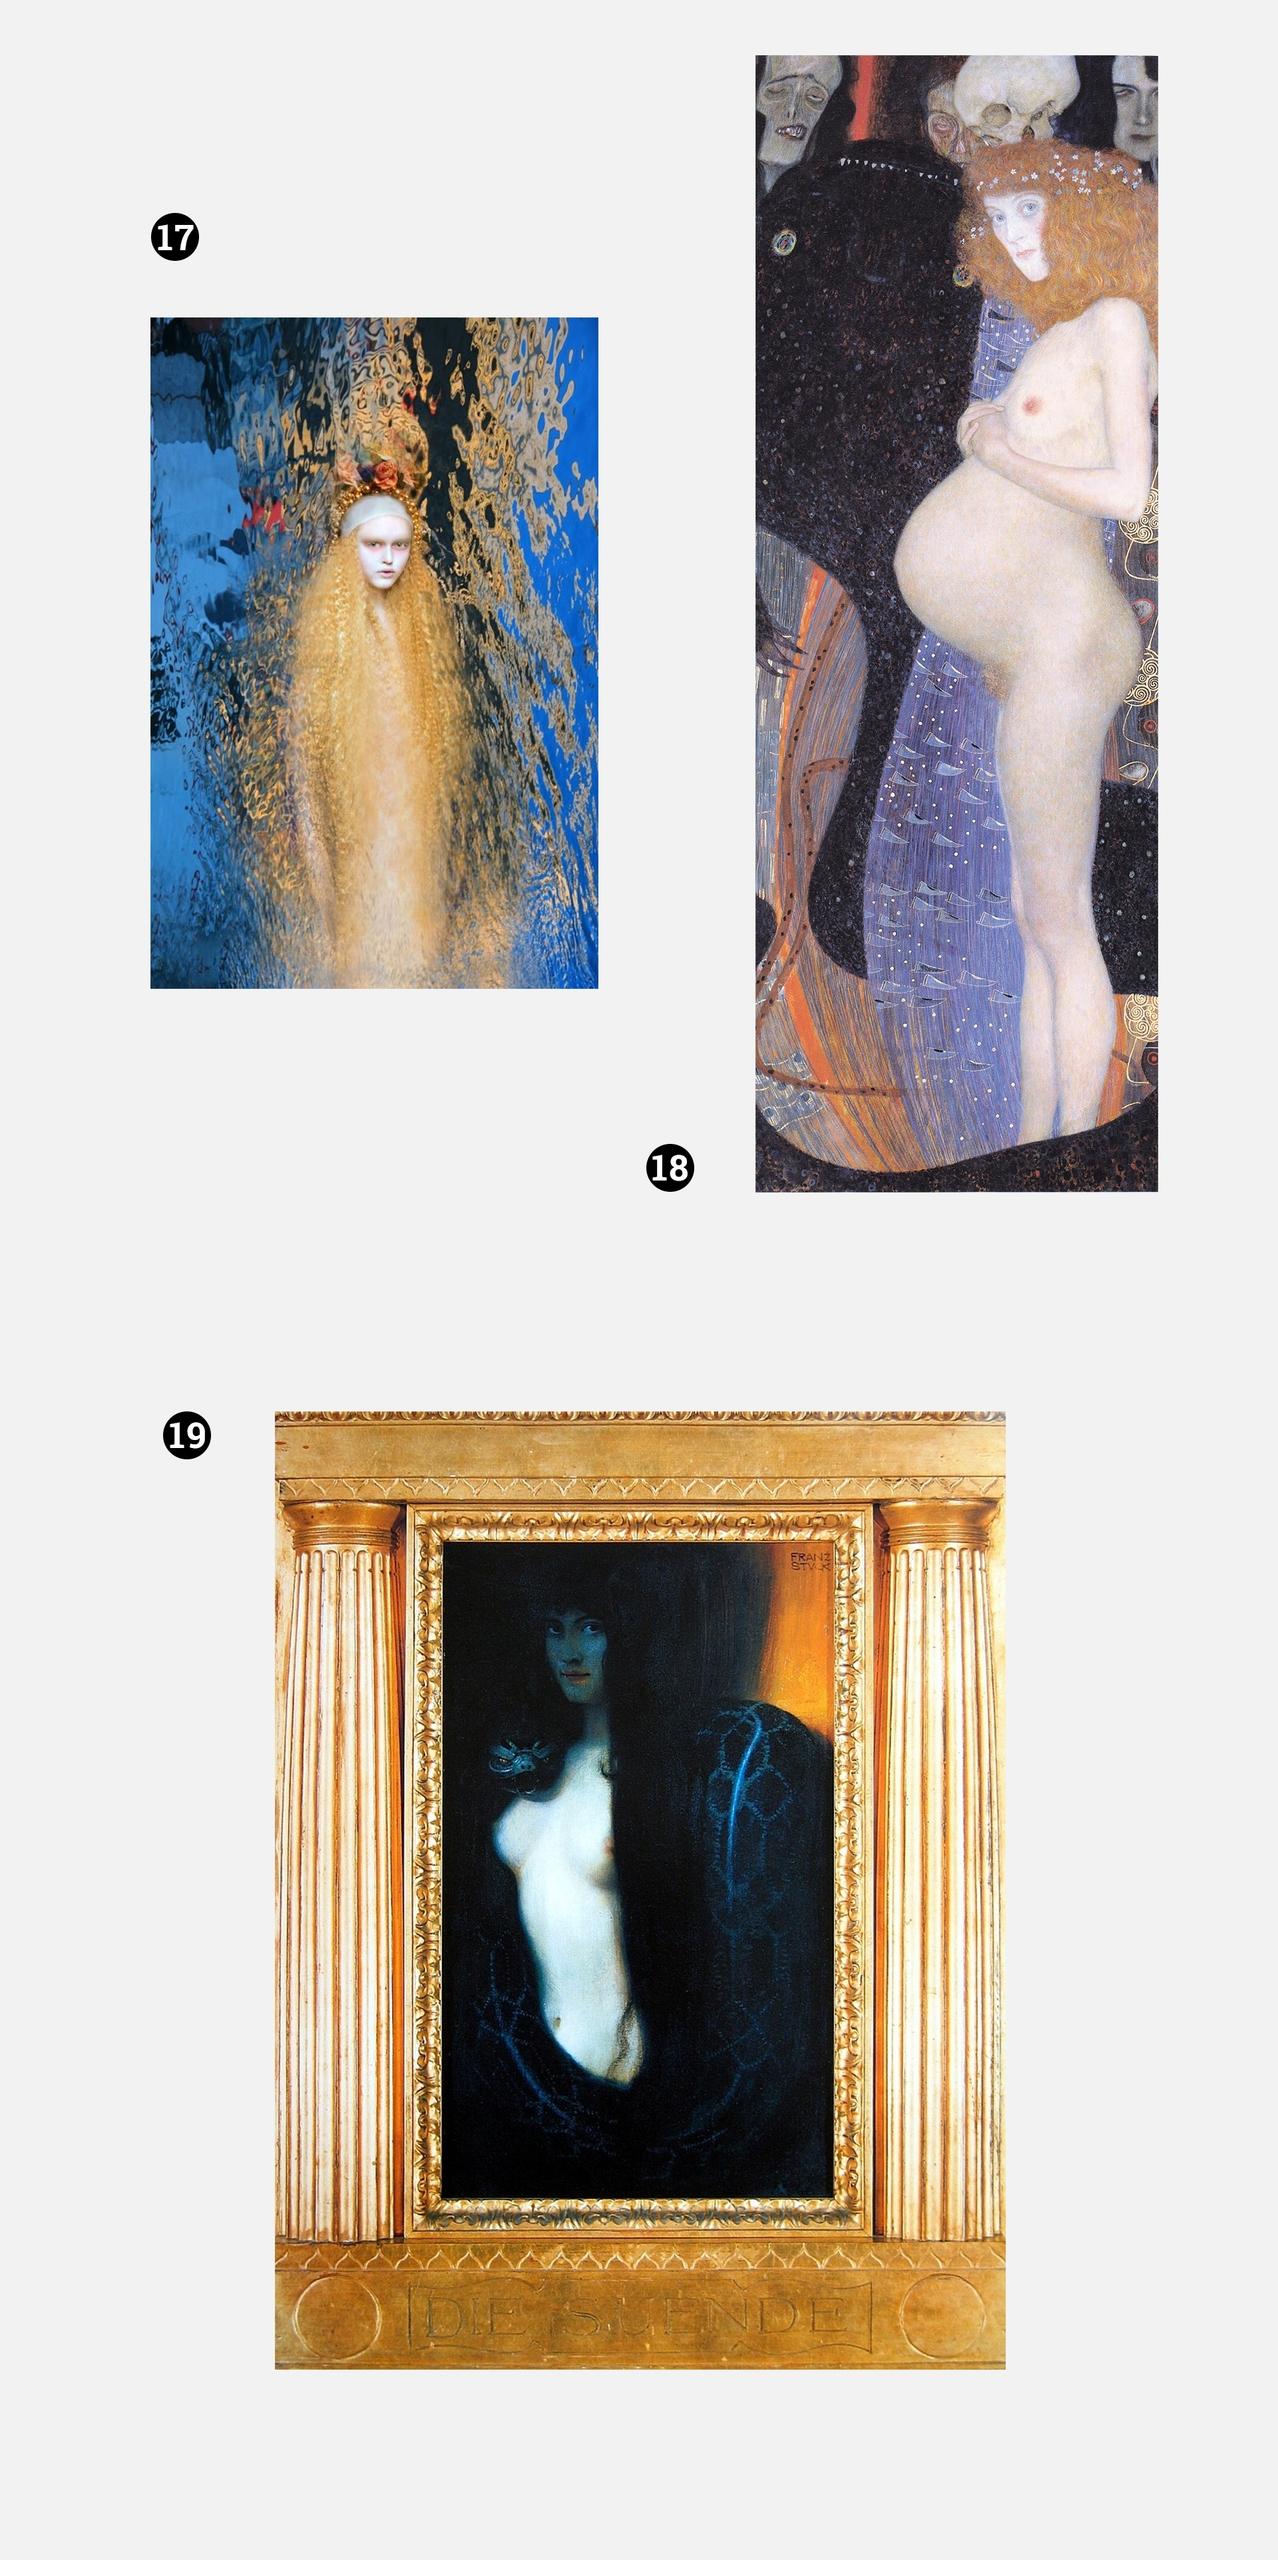 Obraz przedstawia zdjęcia dzieł znanych artystów na szarym tle. Jeden z obrazów znajduje się w złotej ramie.